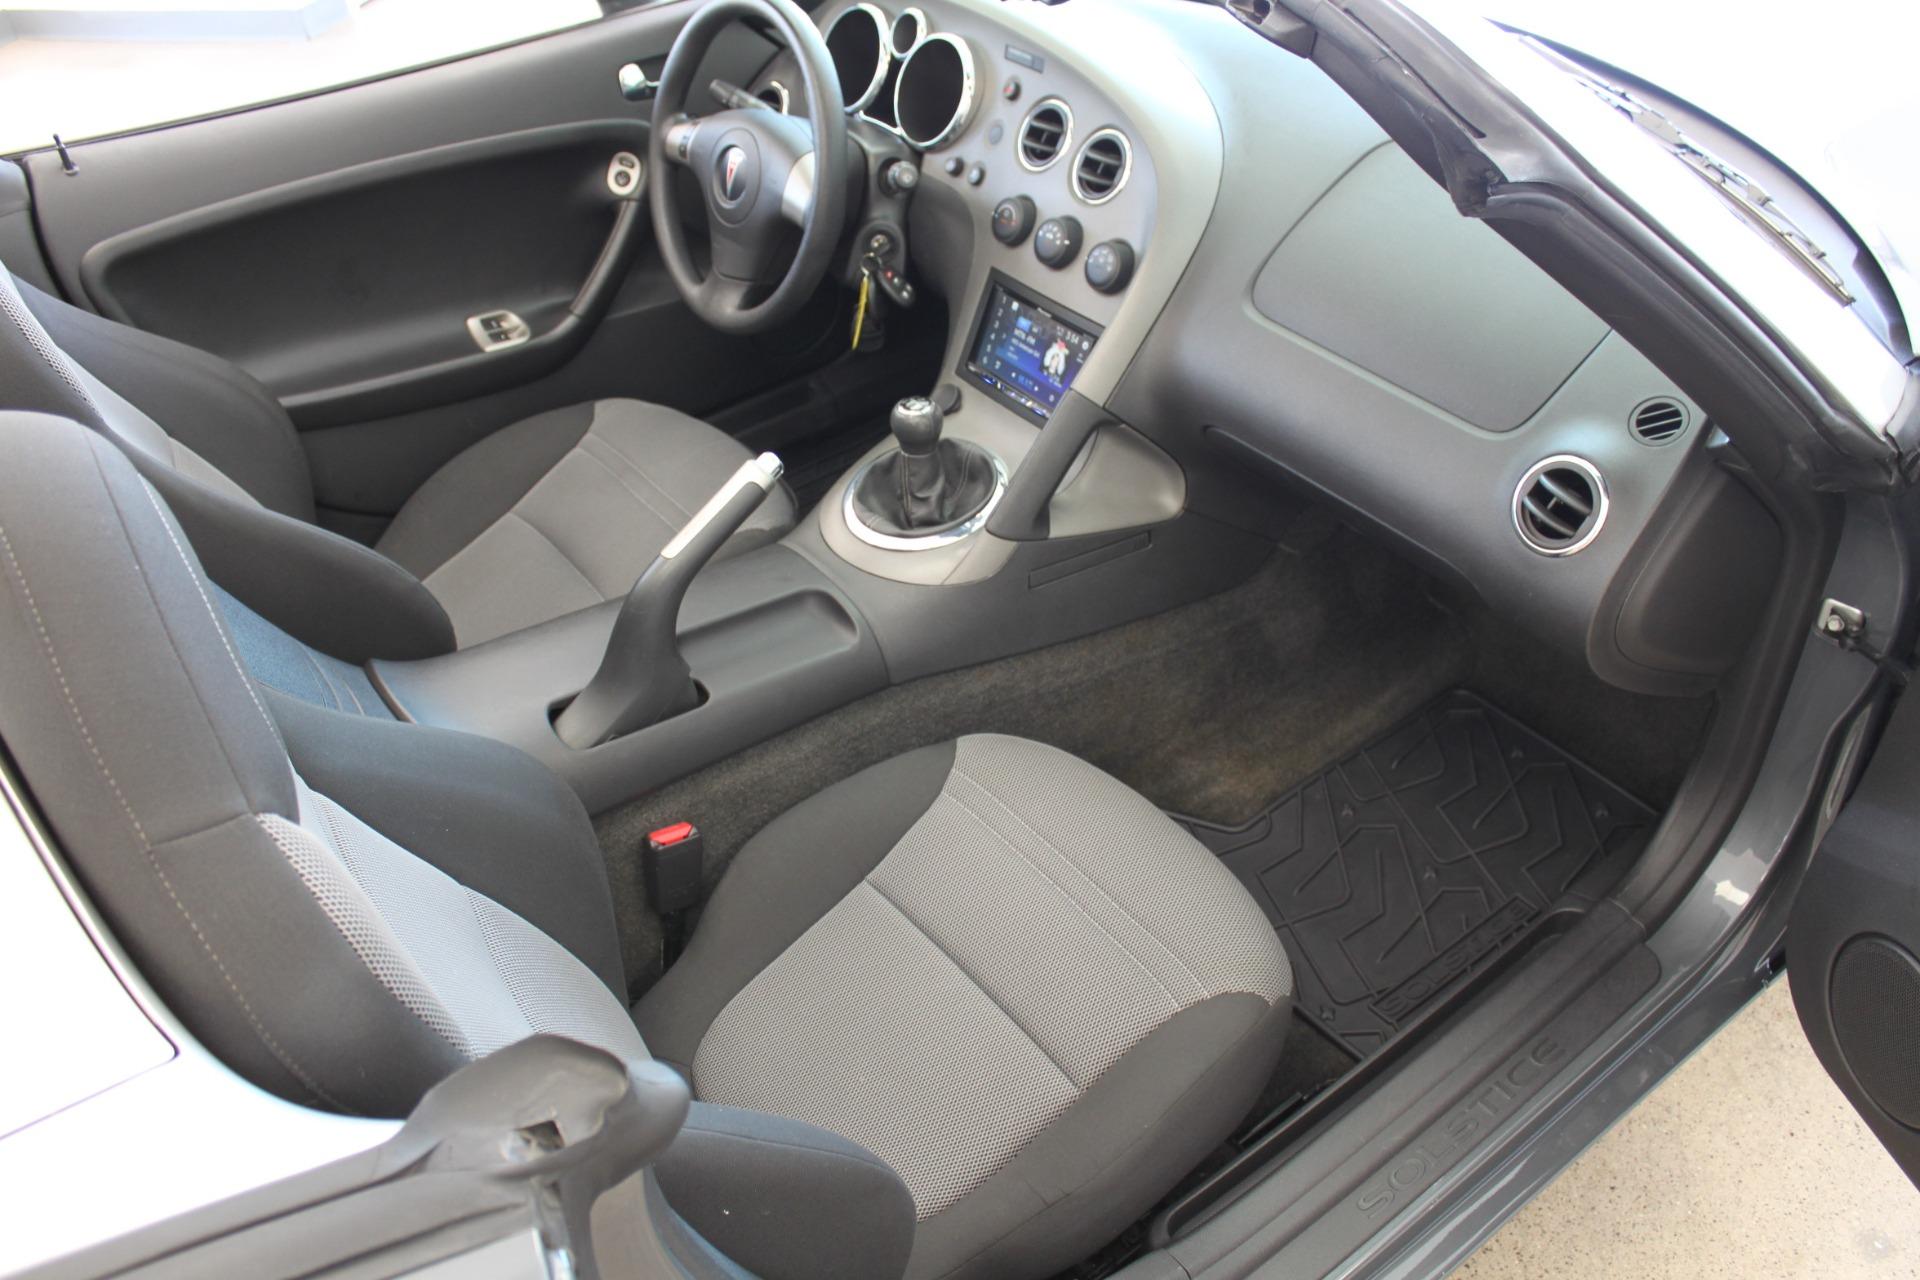 Used-2009-Pontiac-Solstice-Convertible-vintage